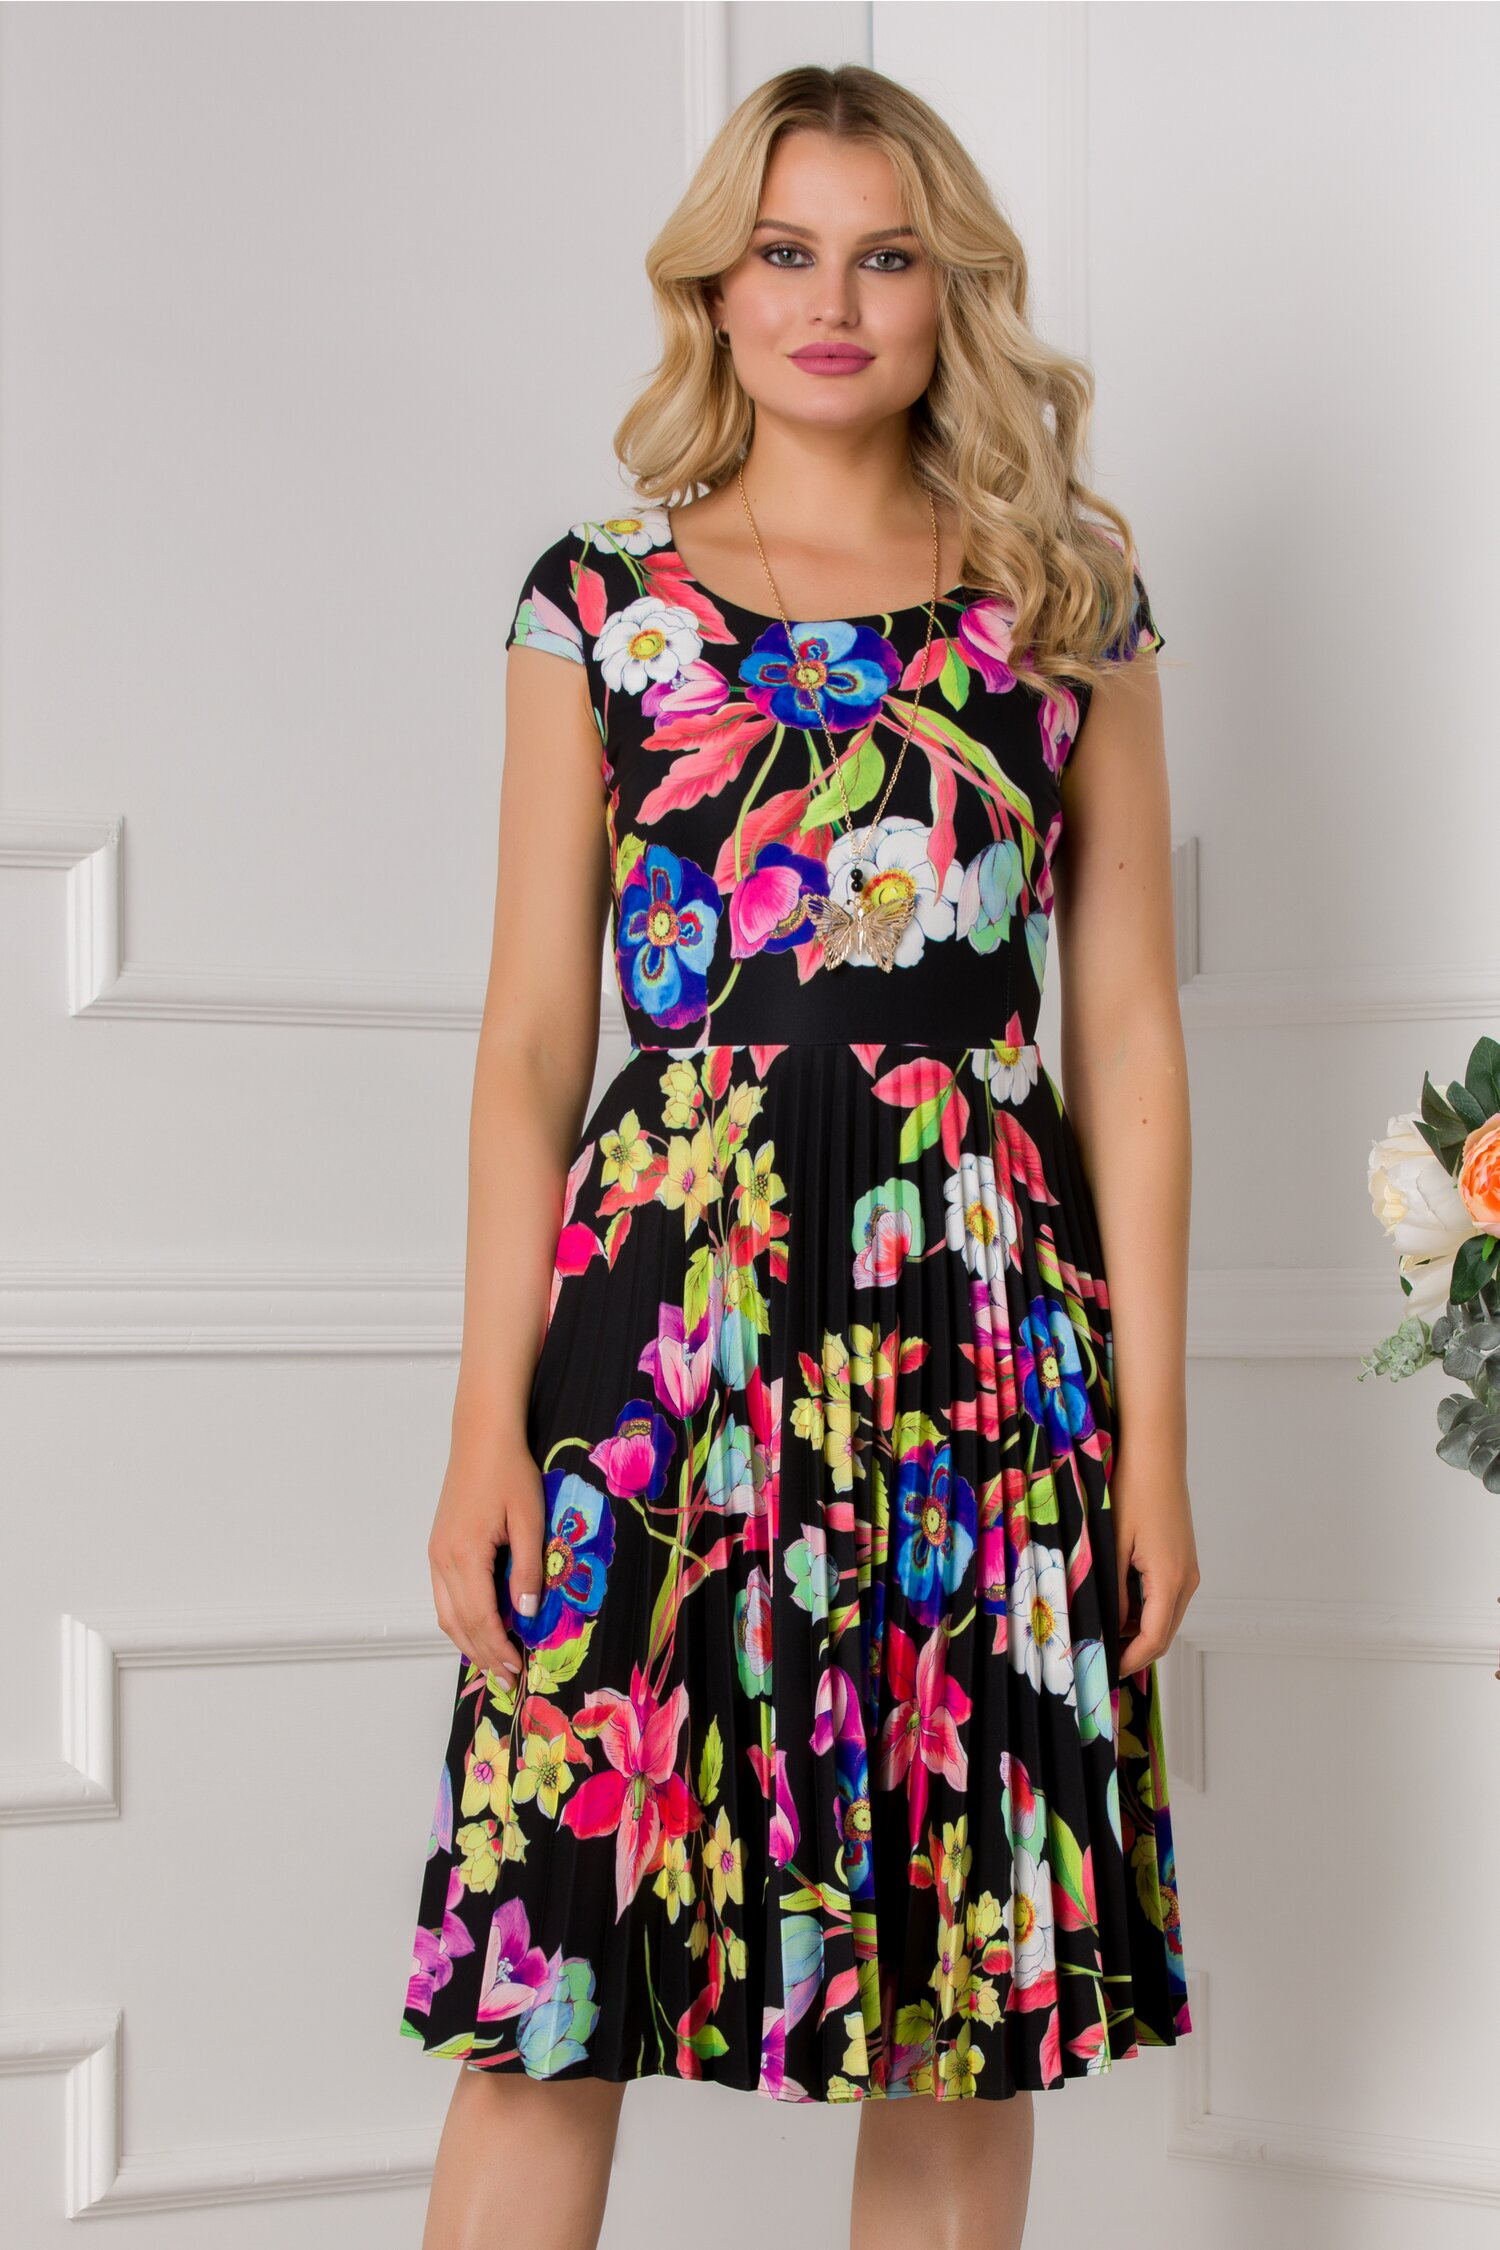 Rochie Ivonne neagra cu maneci scurte si imprimeu floral colorat